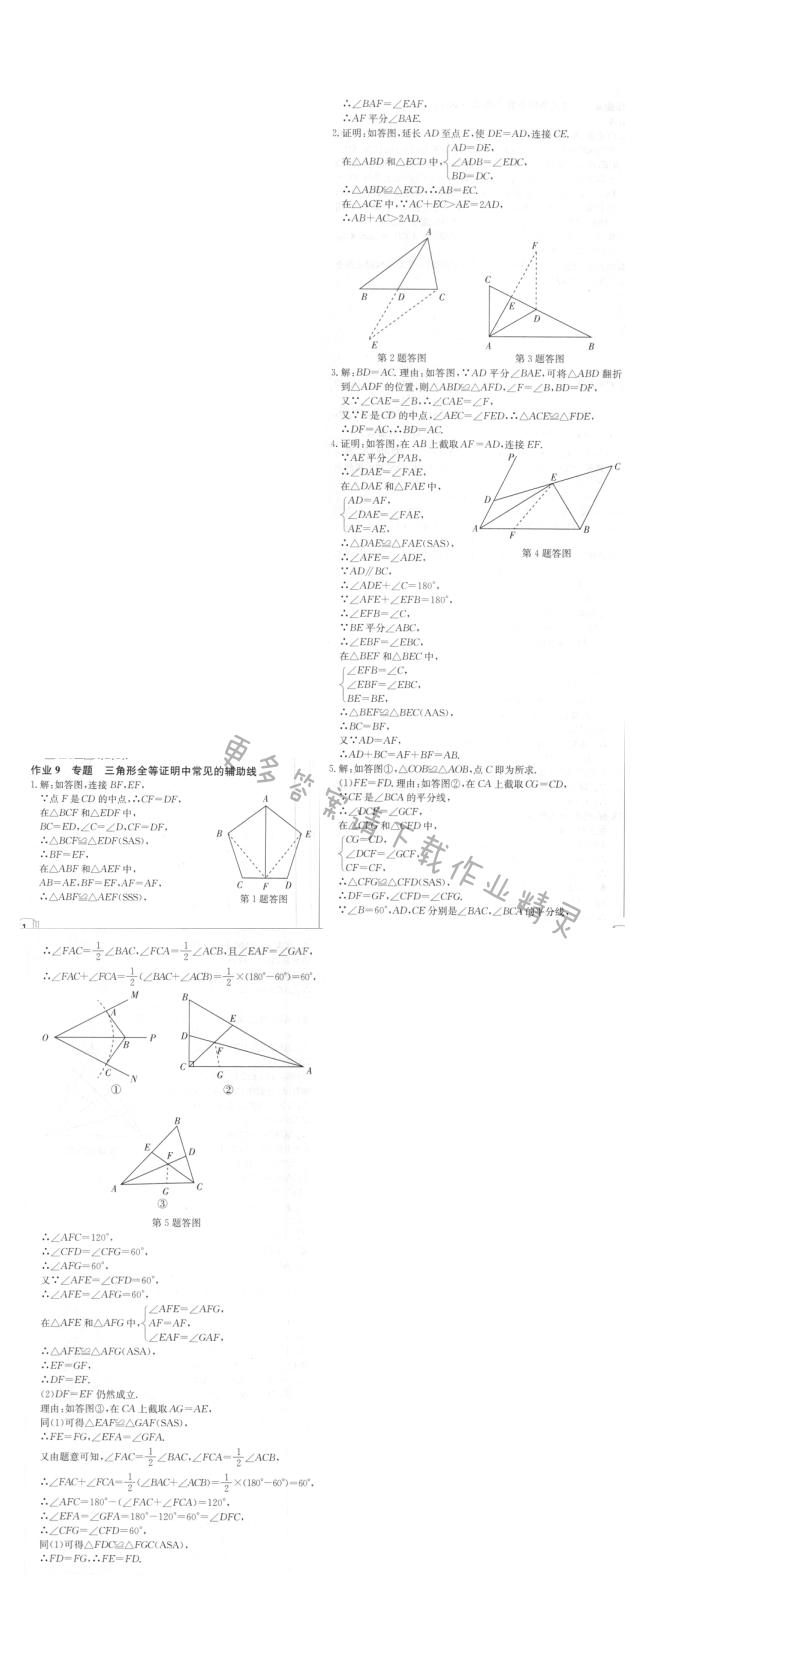 启东中学作业本八年级数学上册江苏版 作业9